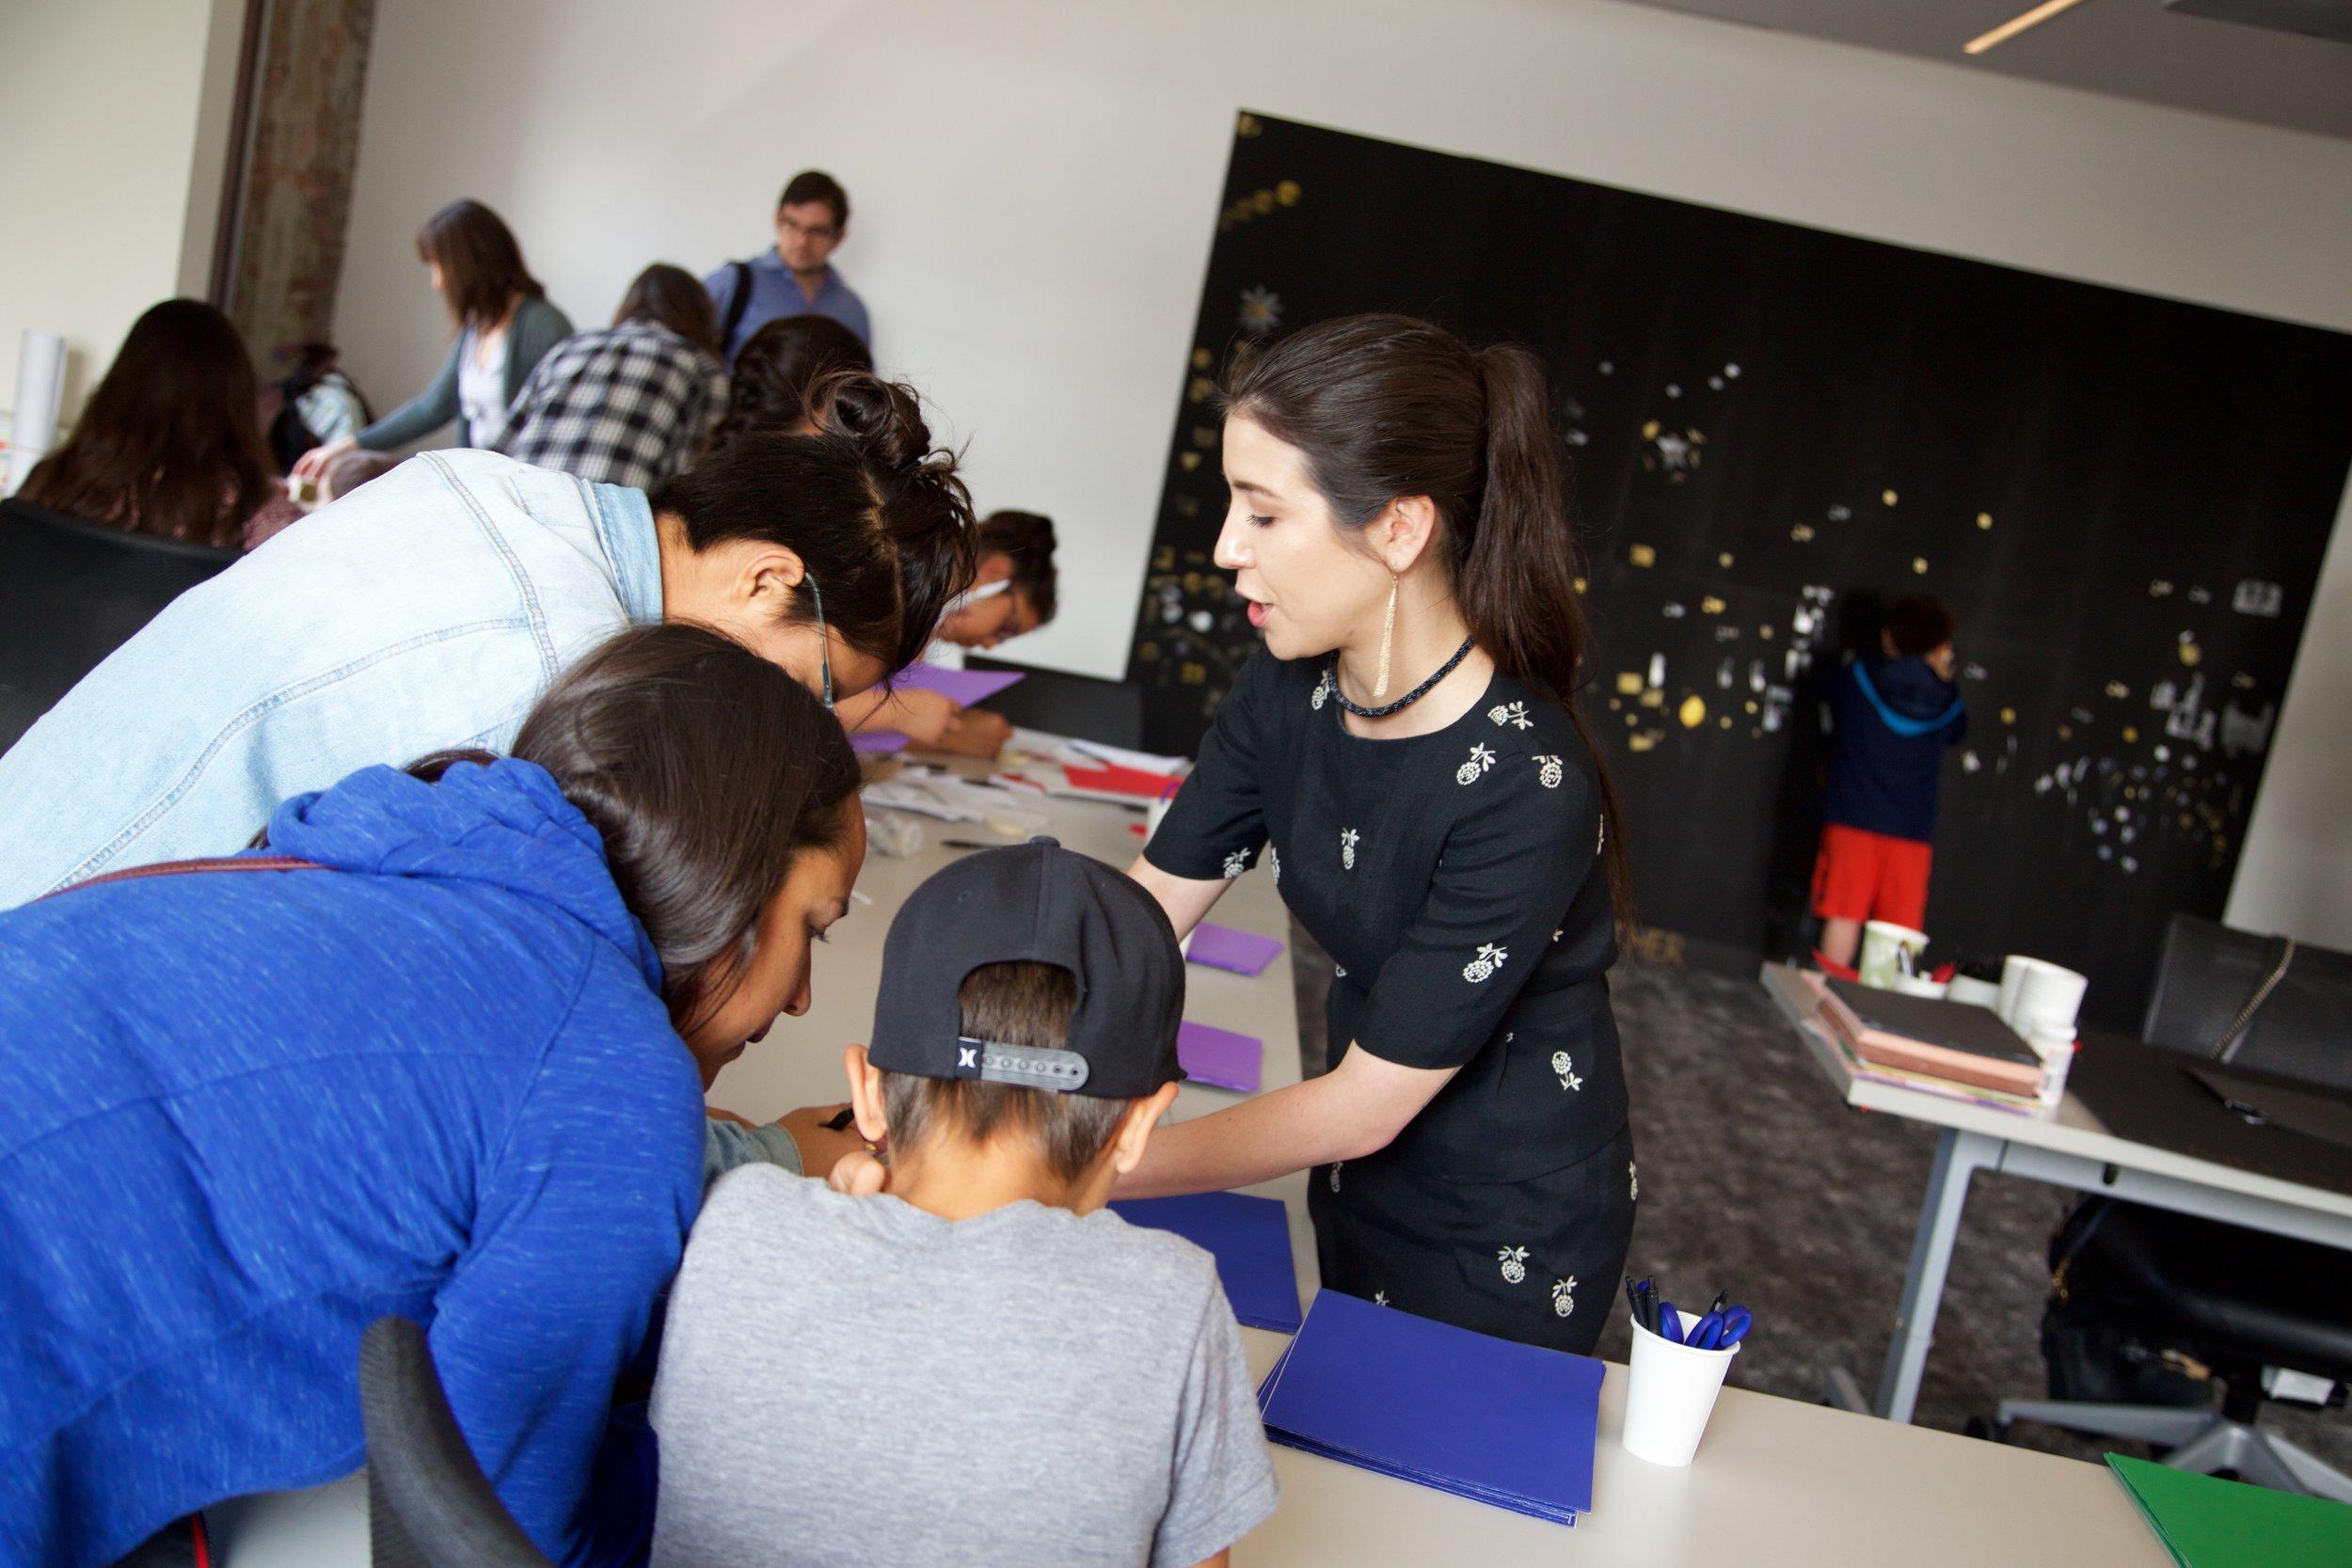 yəhaw̓ Family Event - Creating Our Sky (activity documentation)